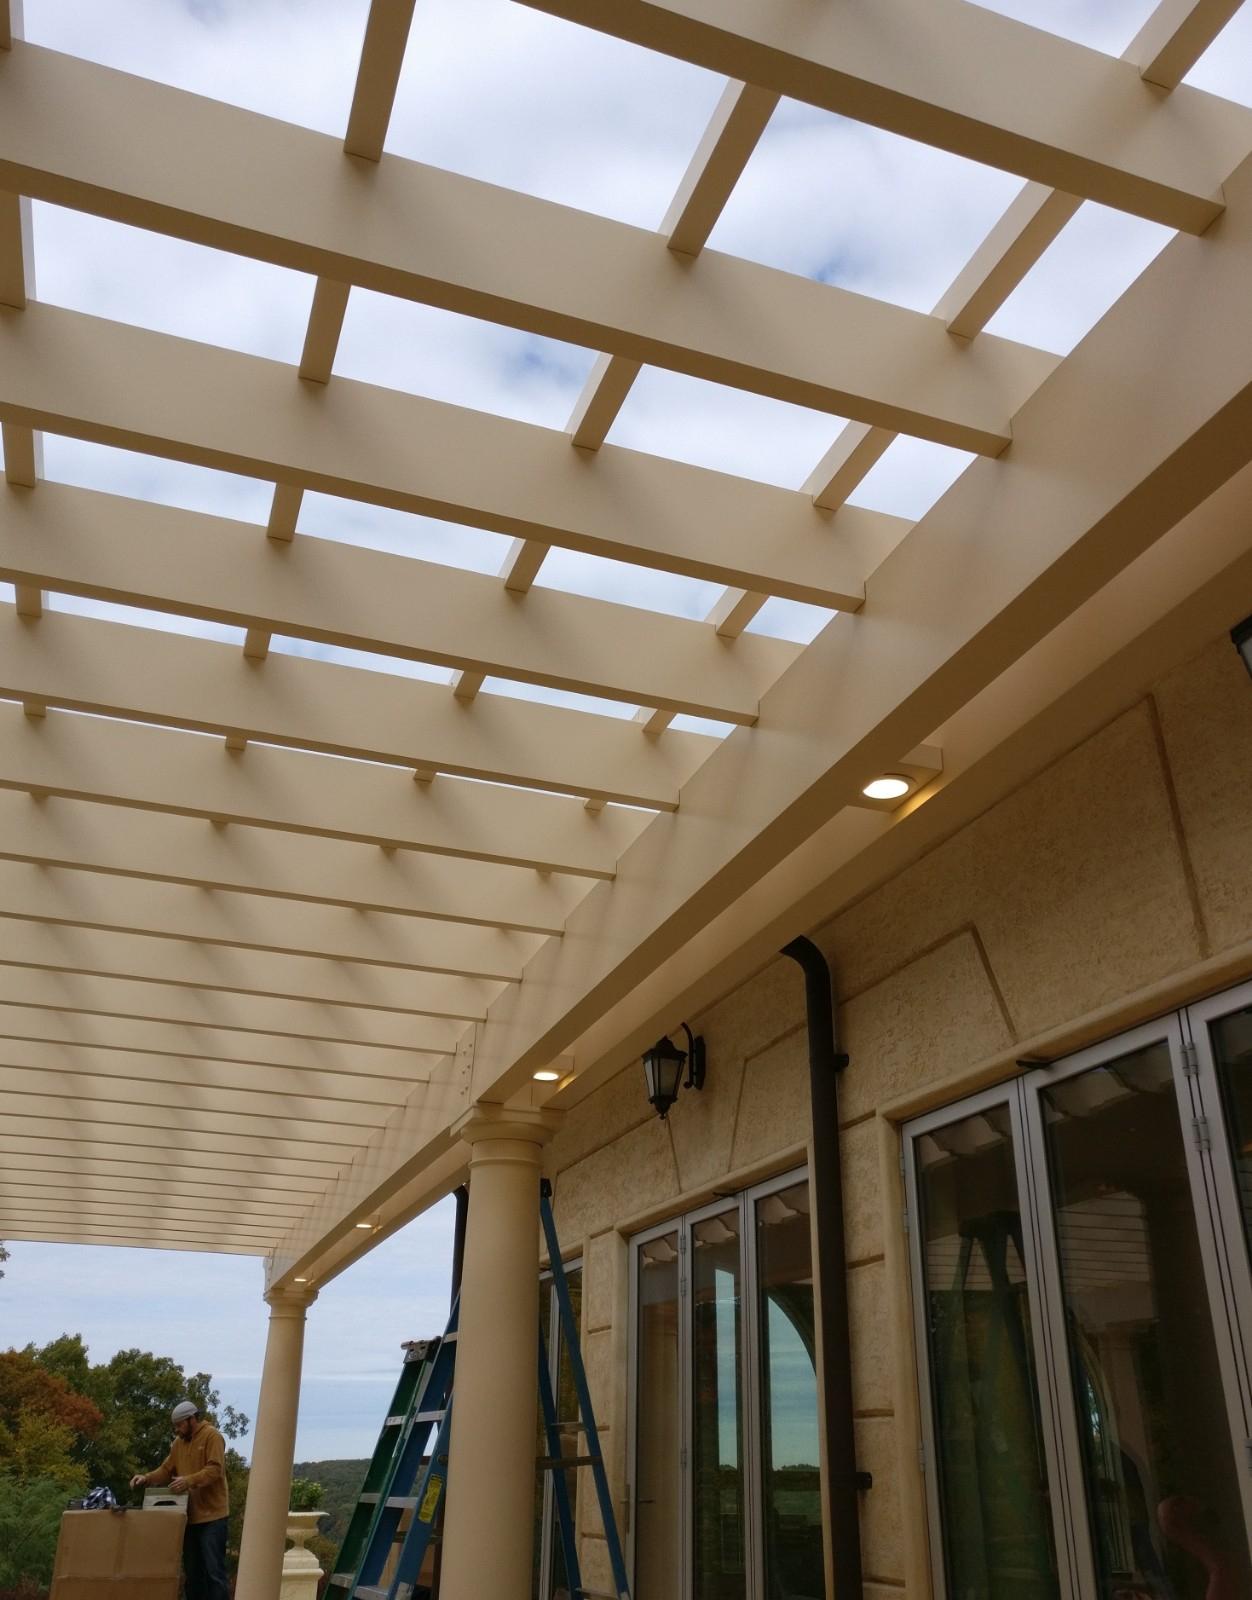 Fiberglass Pergolas   Strong, durable, custom fiberglass